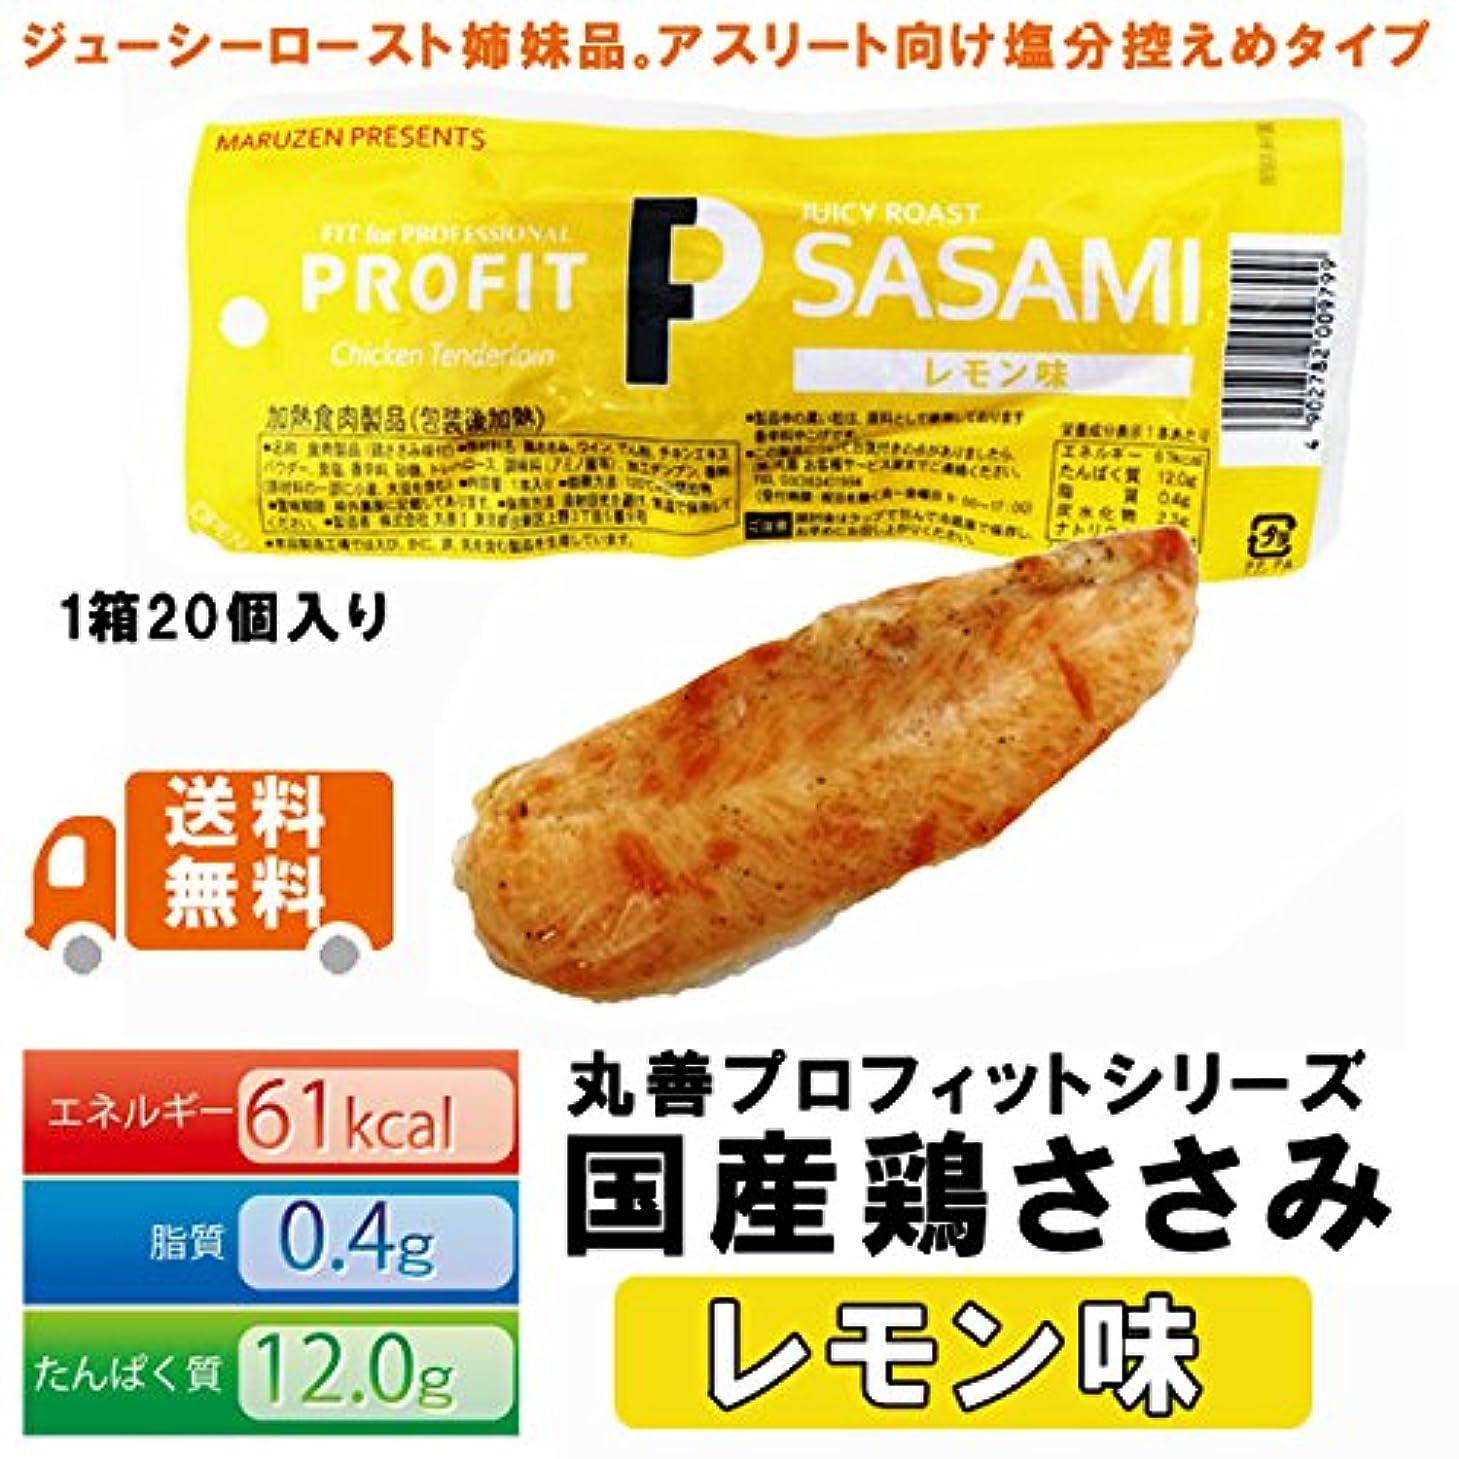 望む打撃一見丸善 PRO-FIT プロフィットささみ 鶏ささみ レモン味 1箱20本入り